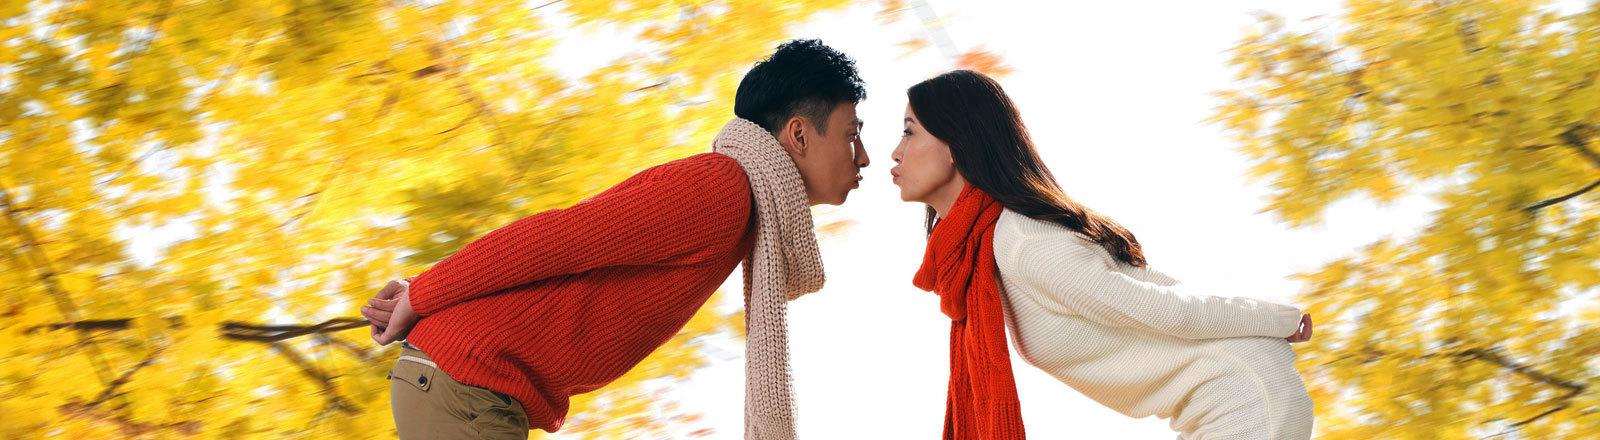 Ein chinesisches Päärchen steht sich gegenüber, kurz davor, sich zu küssen